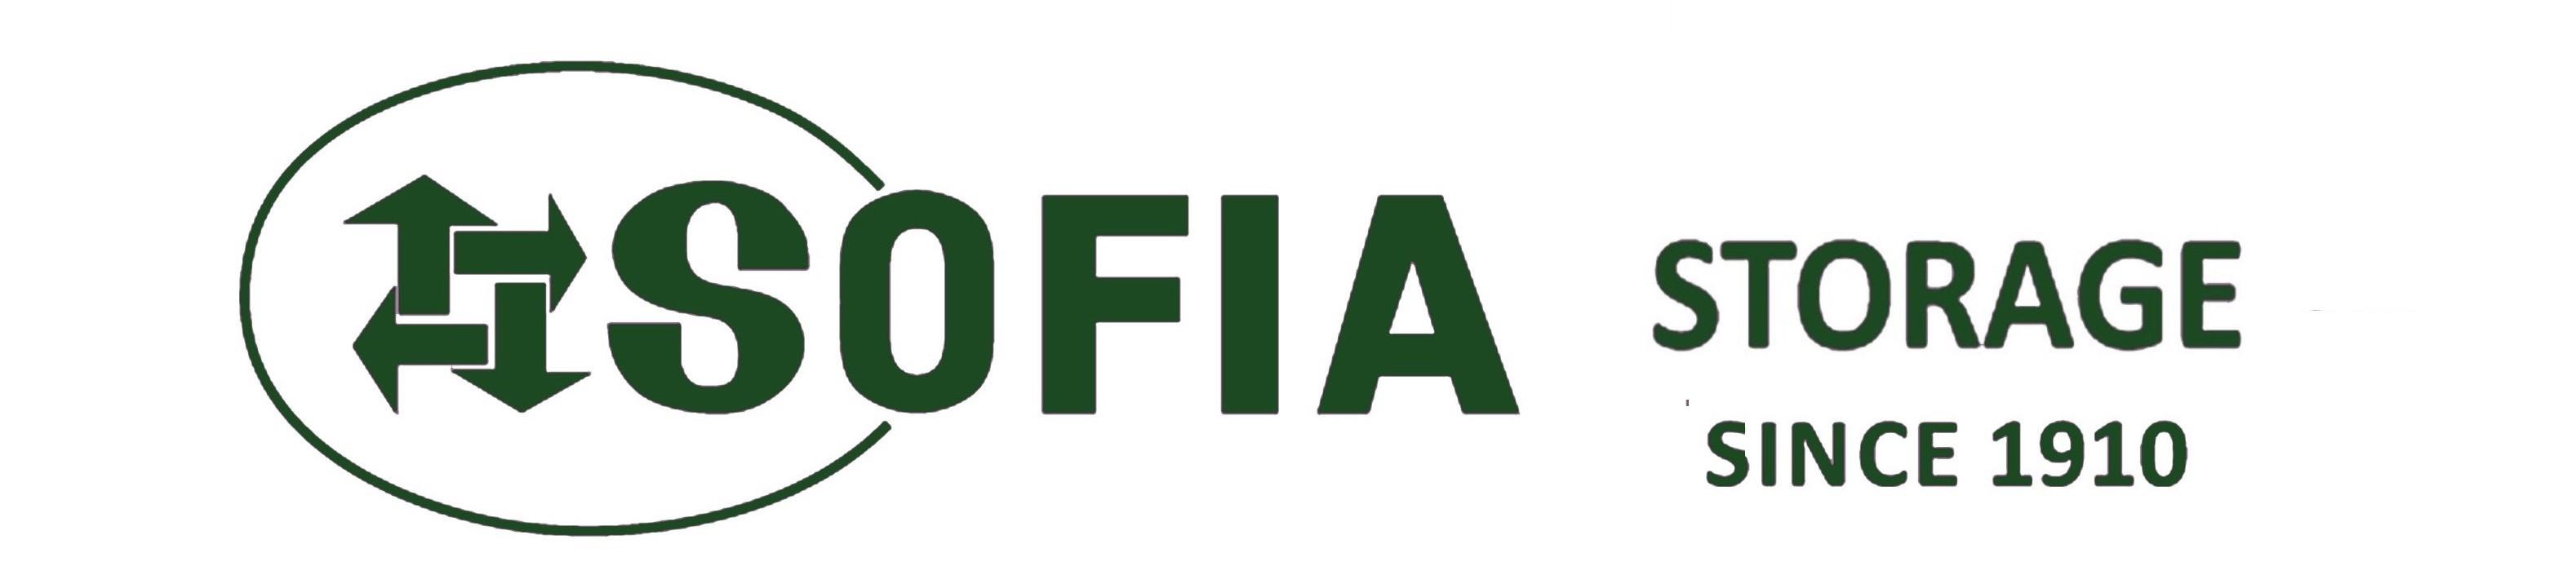 sofia storage logo